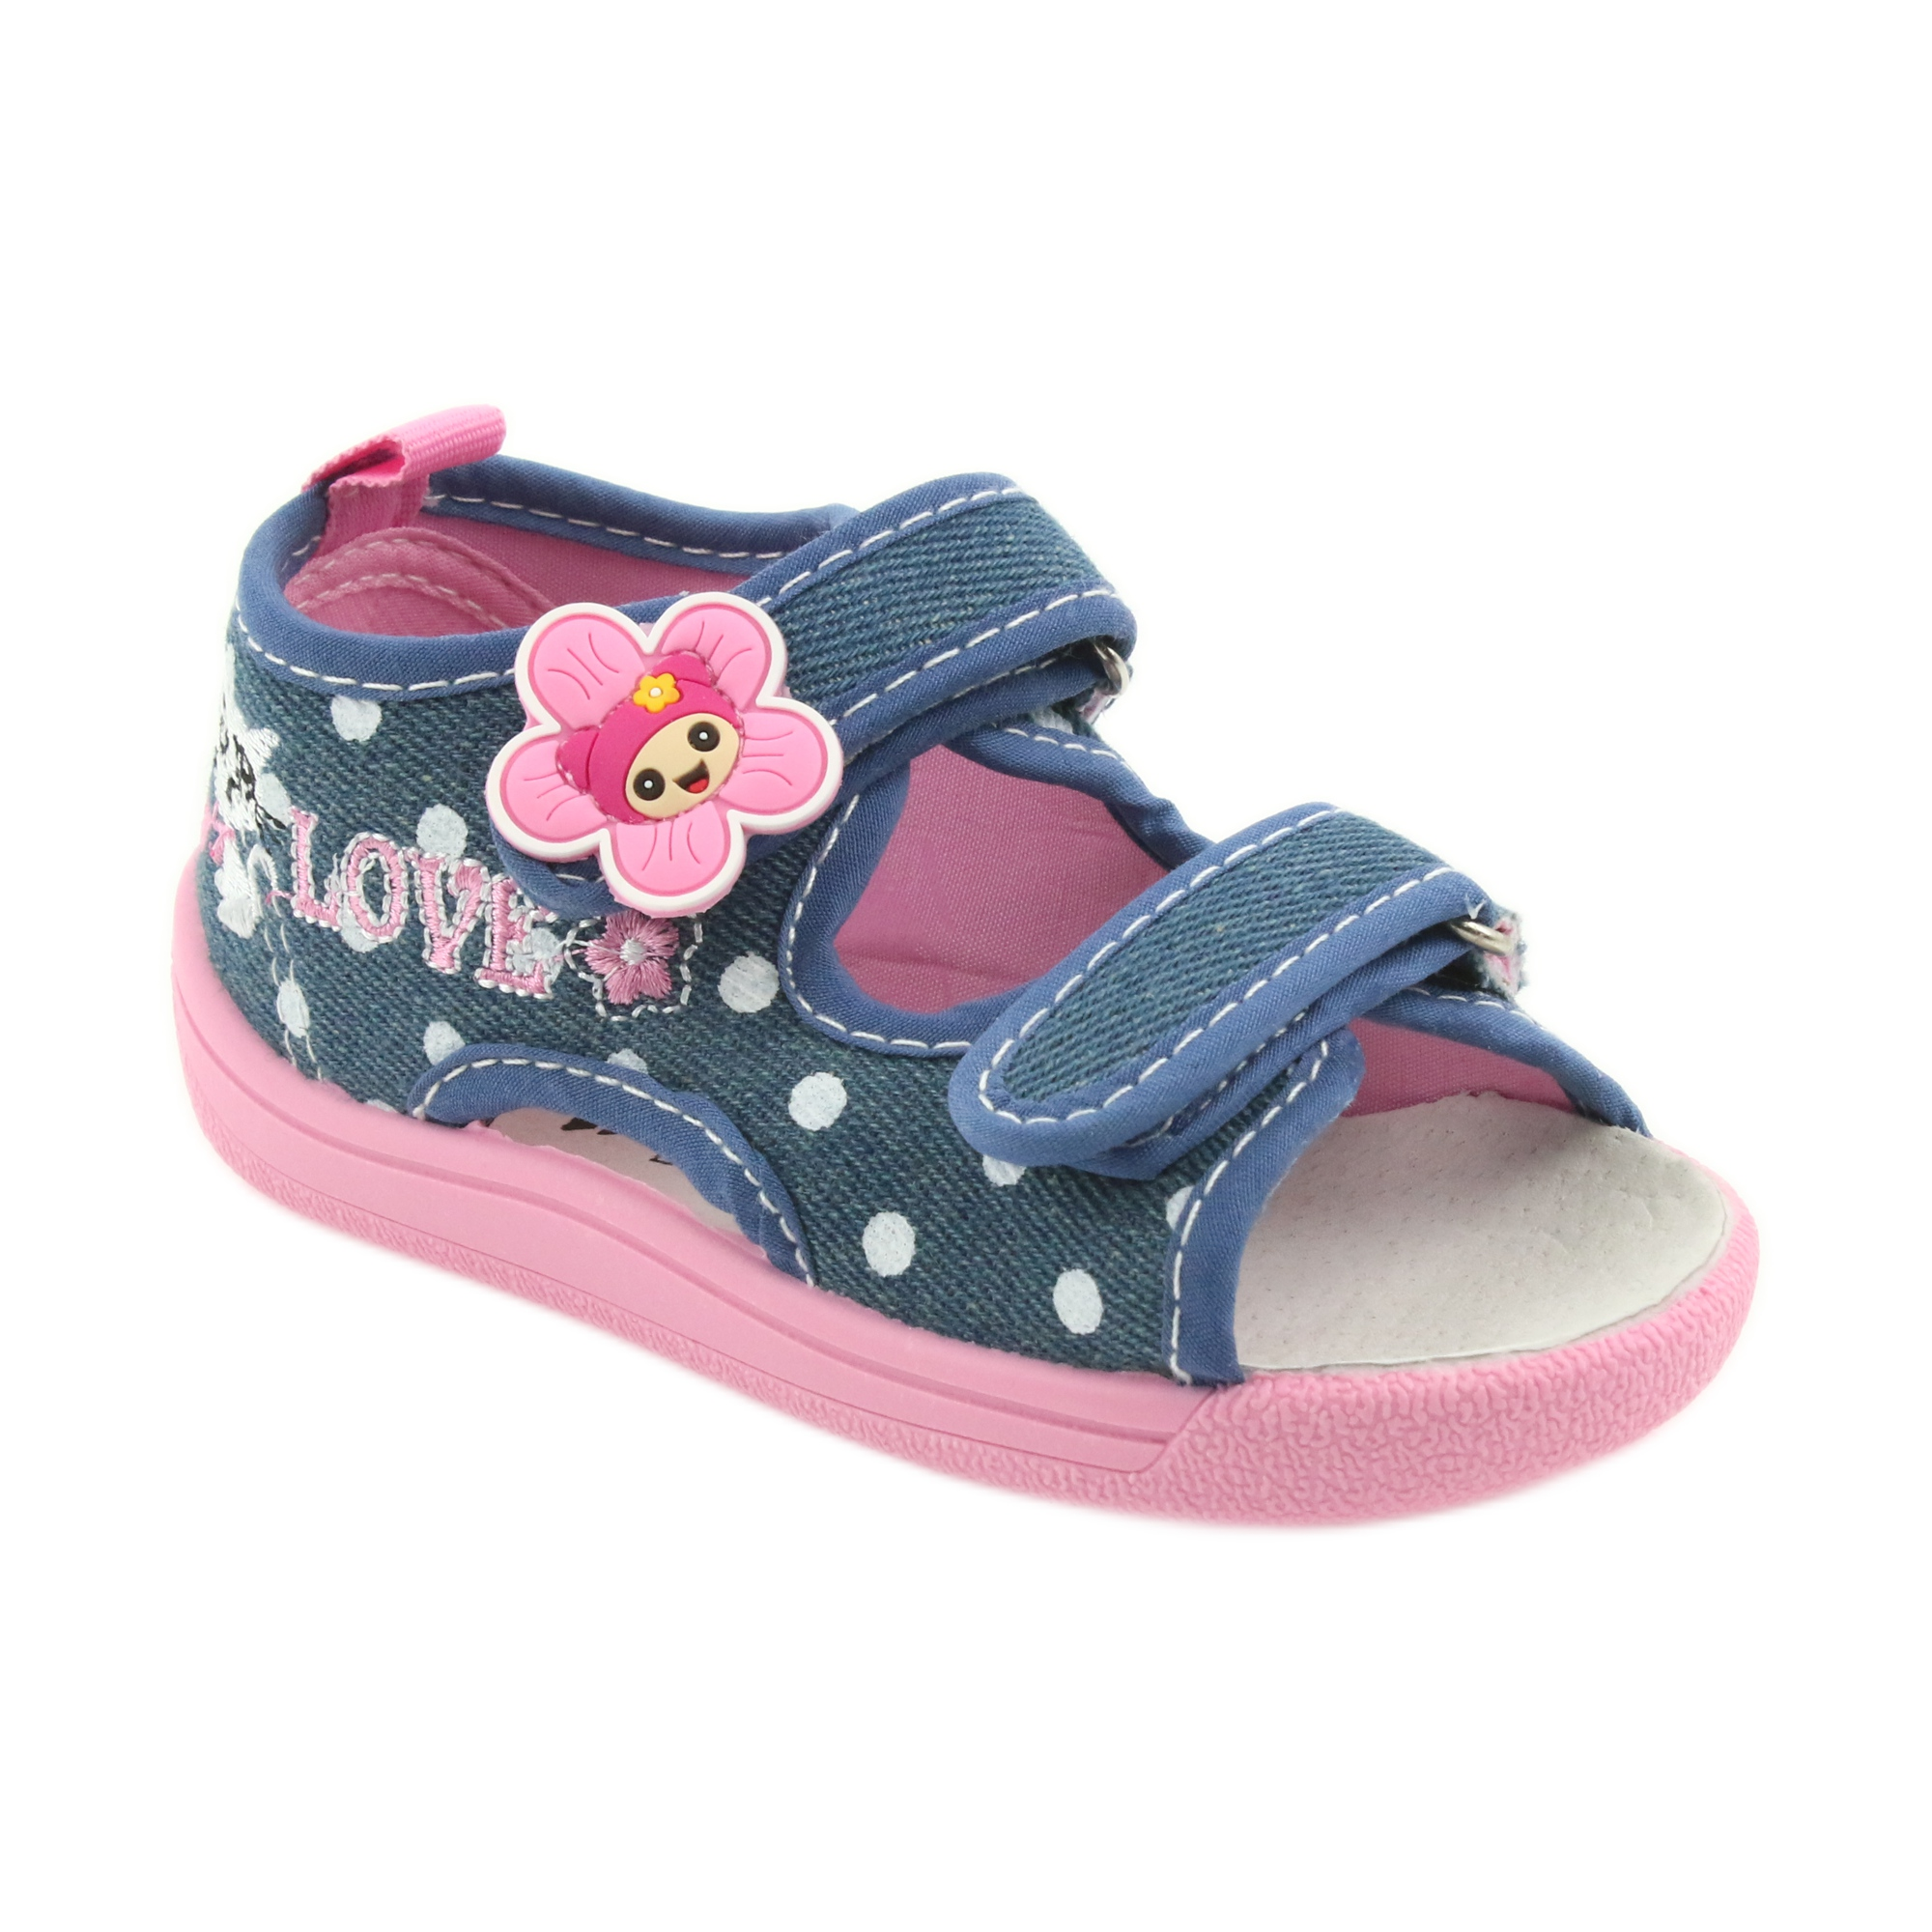 5bd0c5d199 American Club Pantofole per bambini sandali jeans American kitty 39/19